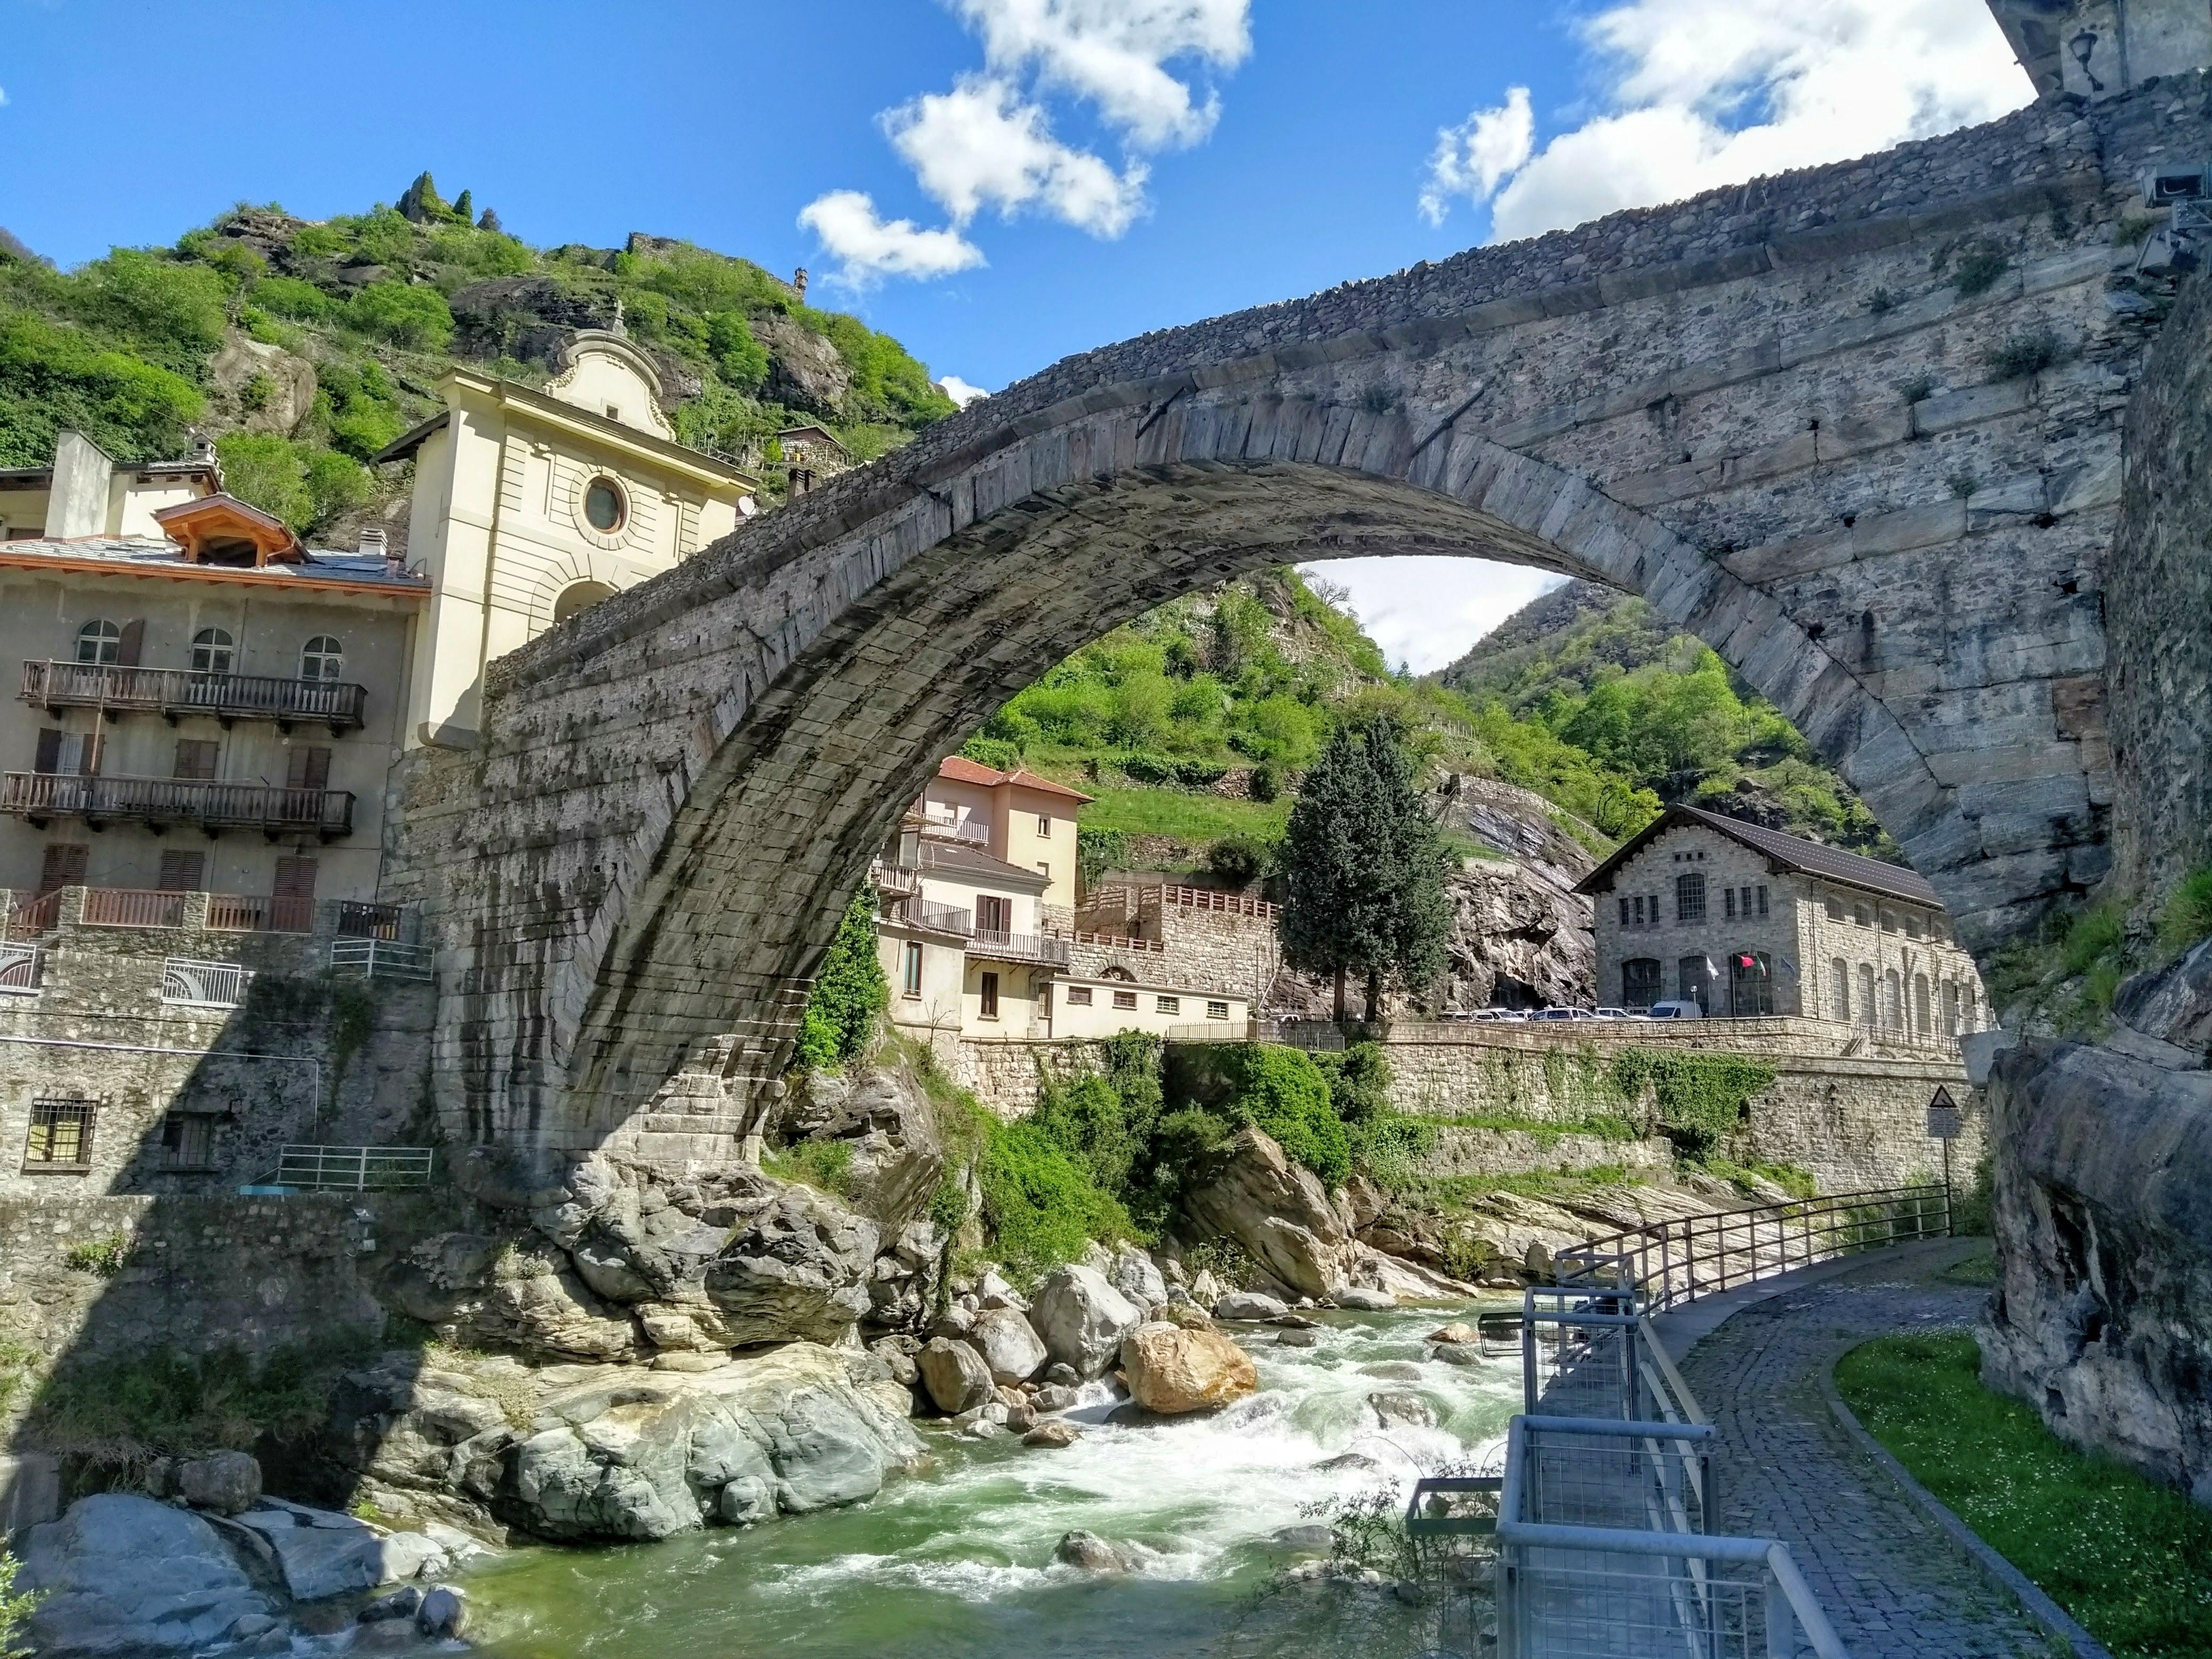 Aosta old town walking tour